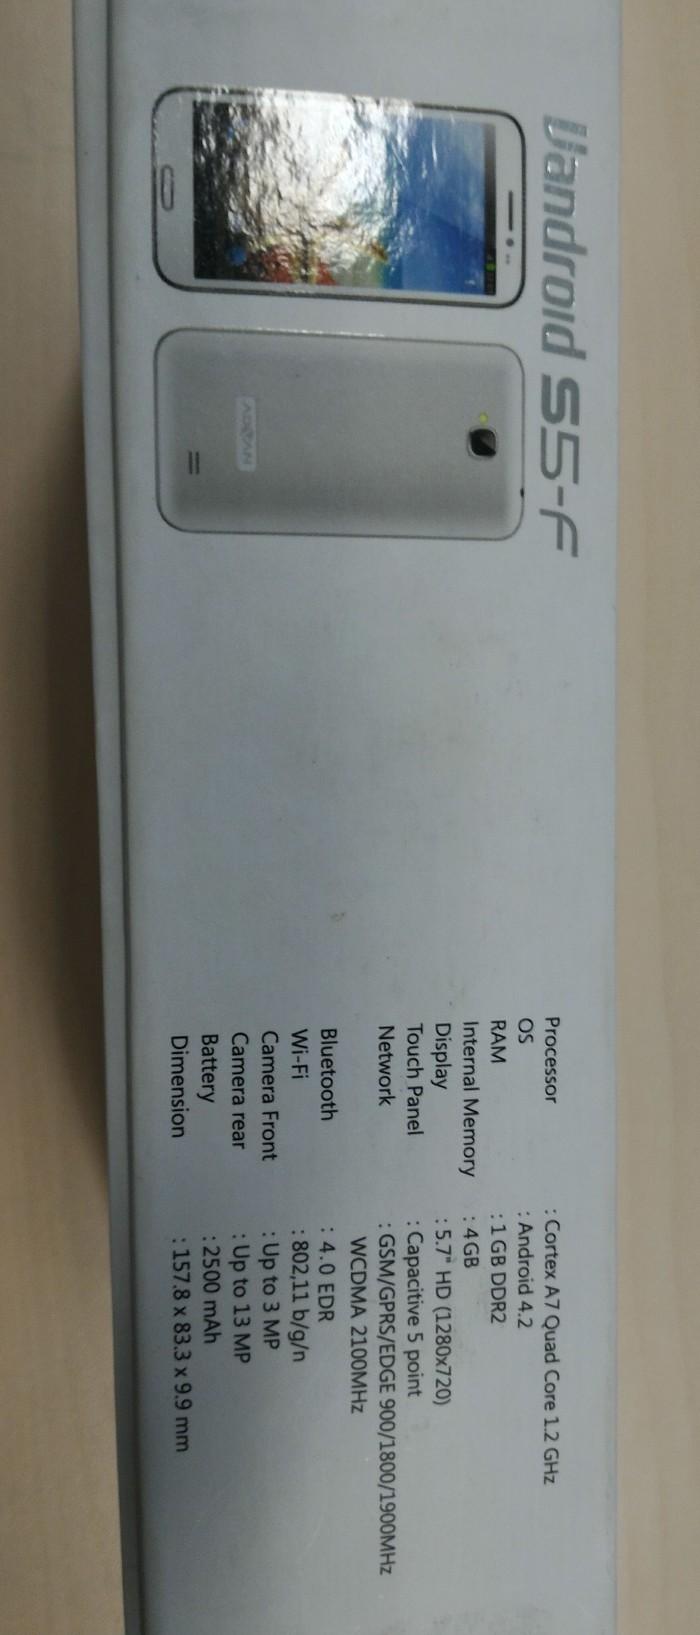 Jual Advan Vandroid S5 F Putih Rocky Shop Tokopedia S5j Smartphone Quadcore